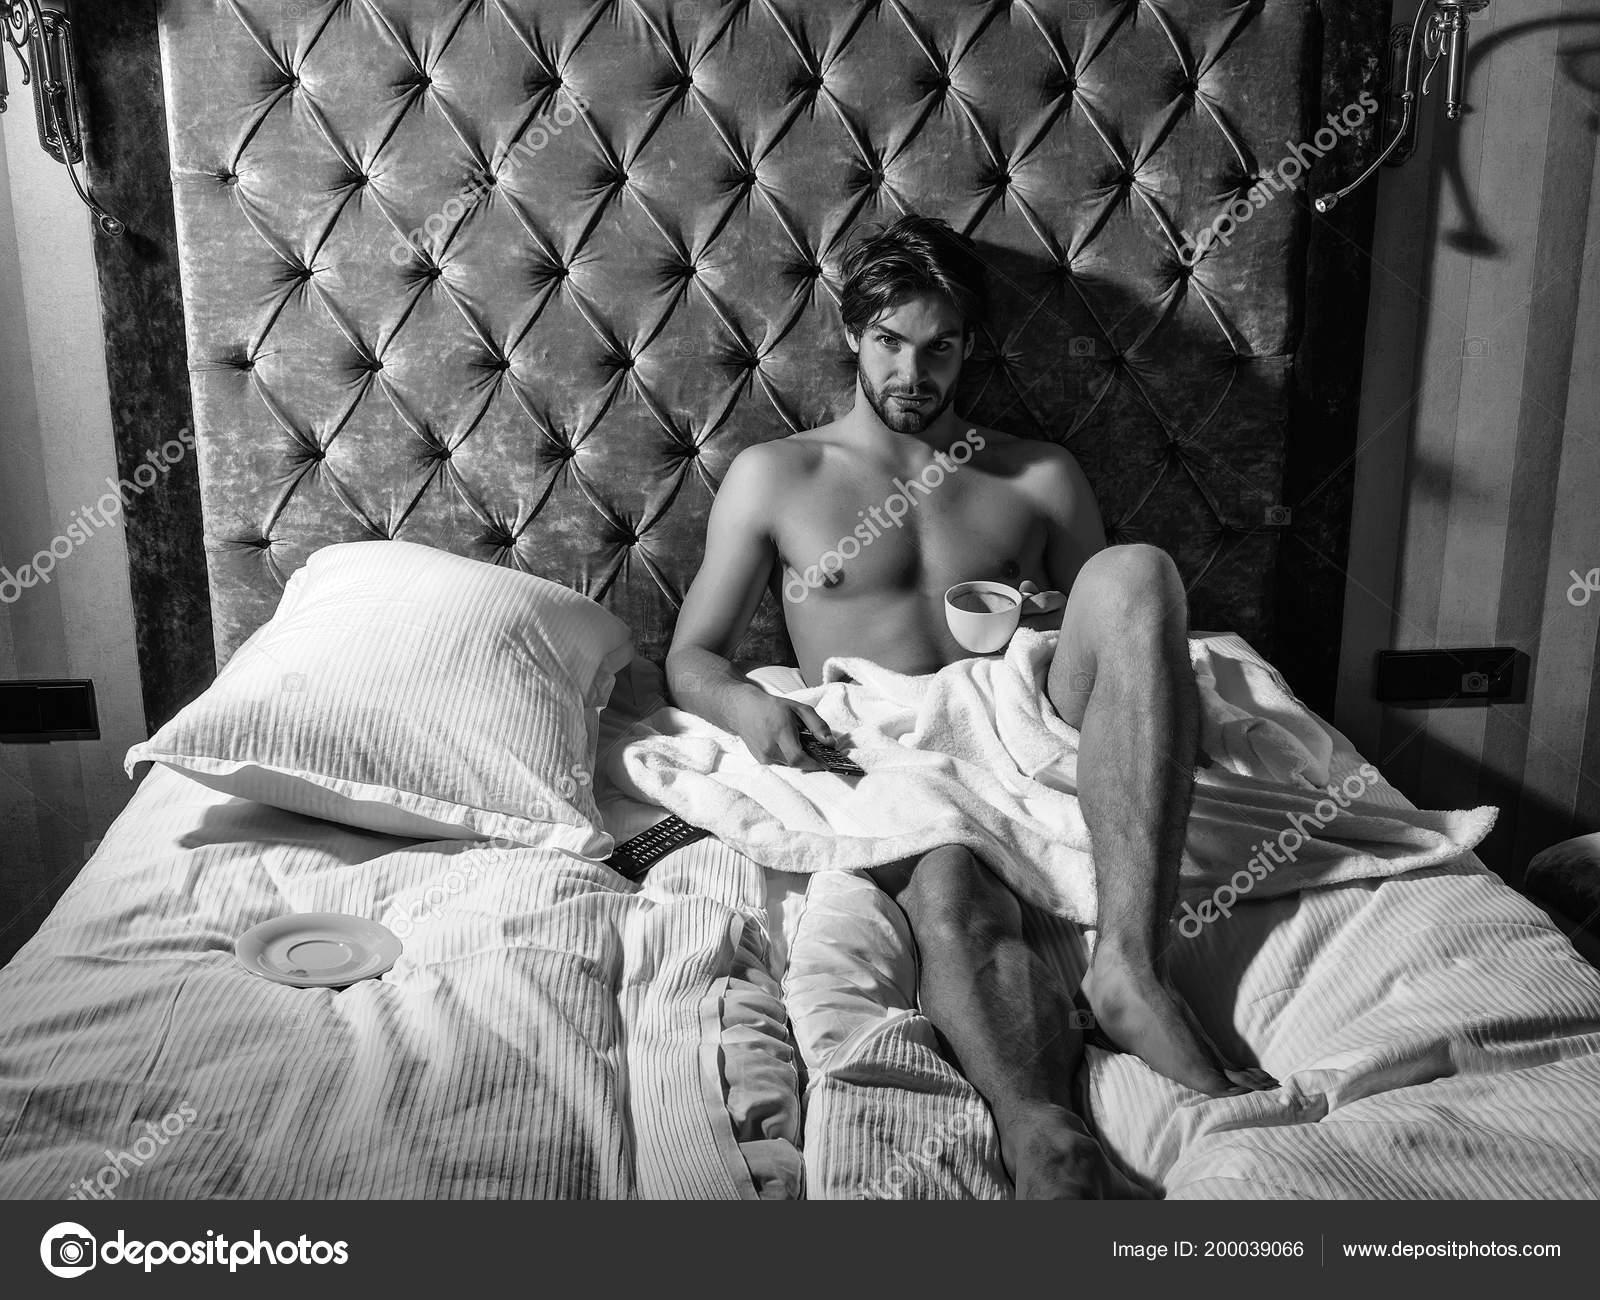 giochi erotic hotel con prostitute